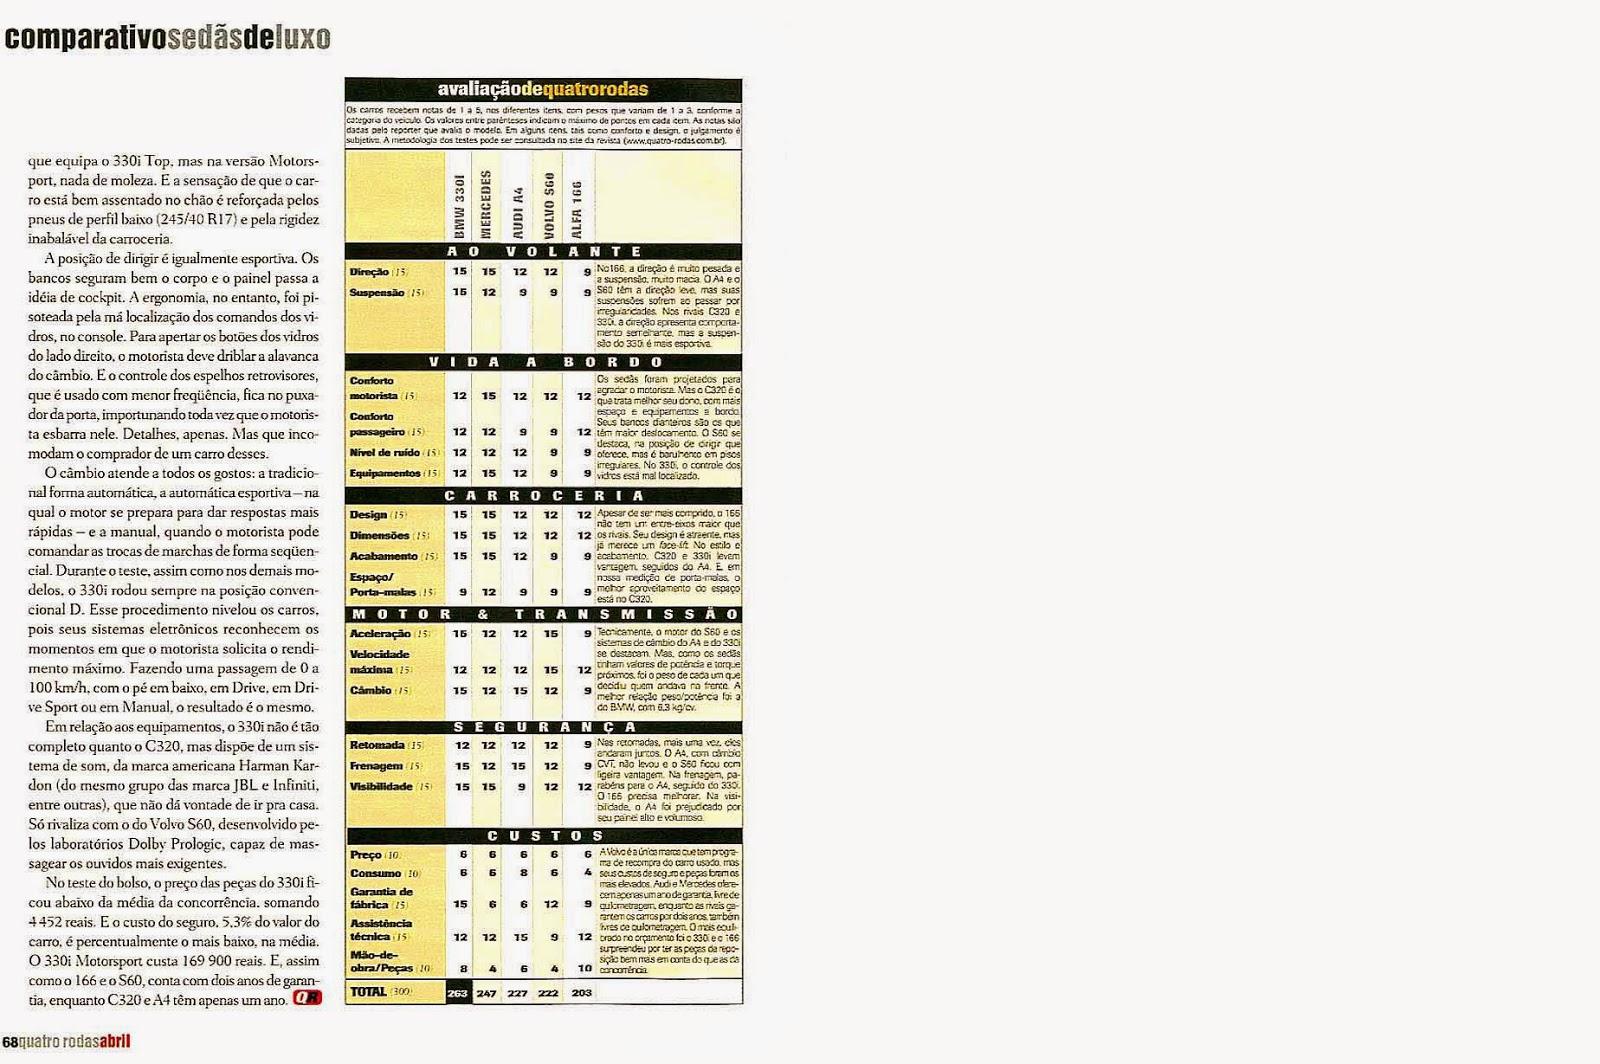 (W203): Avaliação - Revista Quatro Rodas - C320 x BMW 330i x Audi A4 x Volvo S60 T5 x Alfa Romeo 166 - abril/2002 501%2C069%2C42%2C04%2CTE